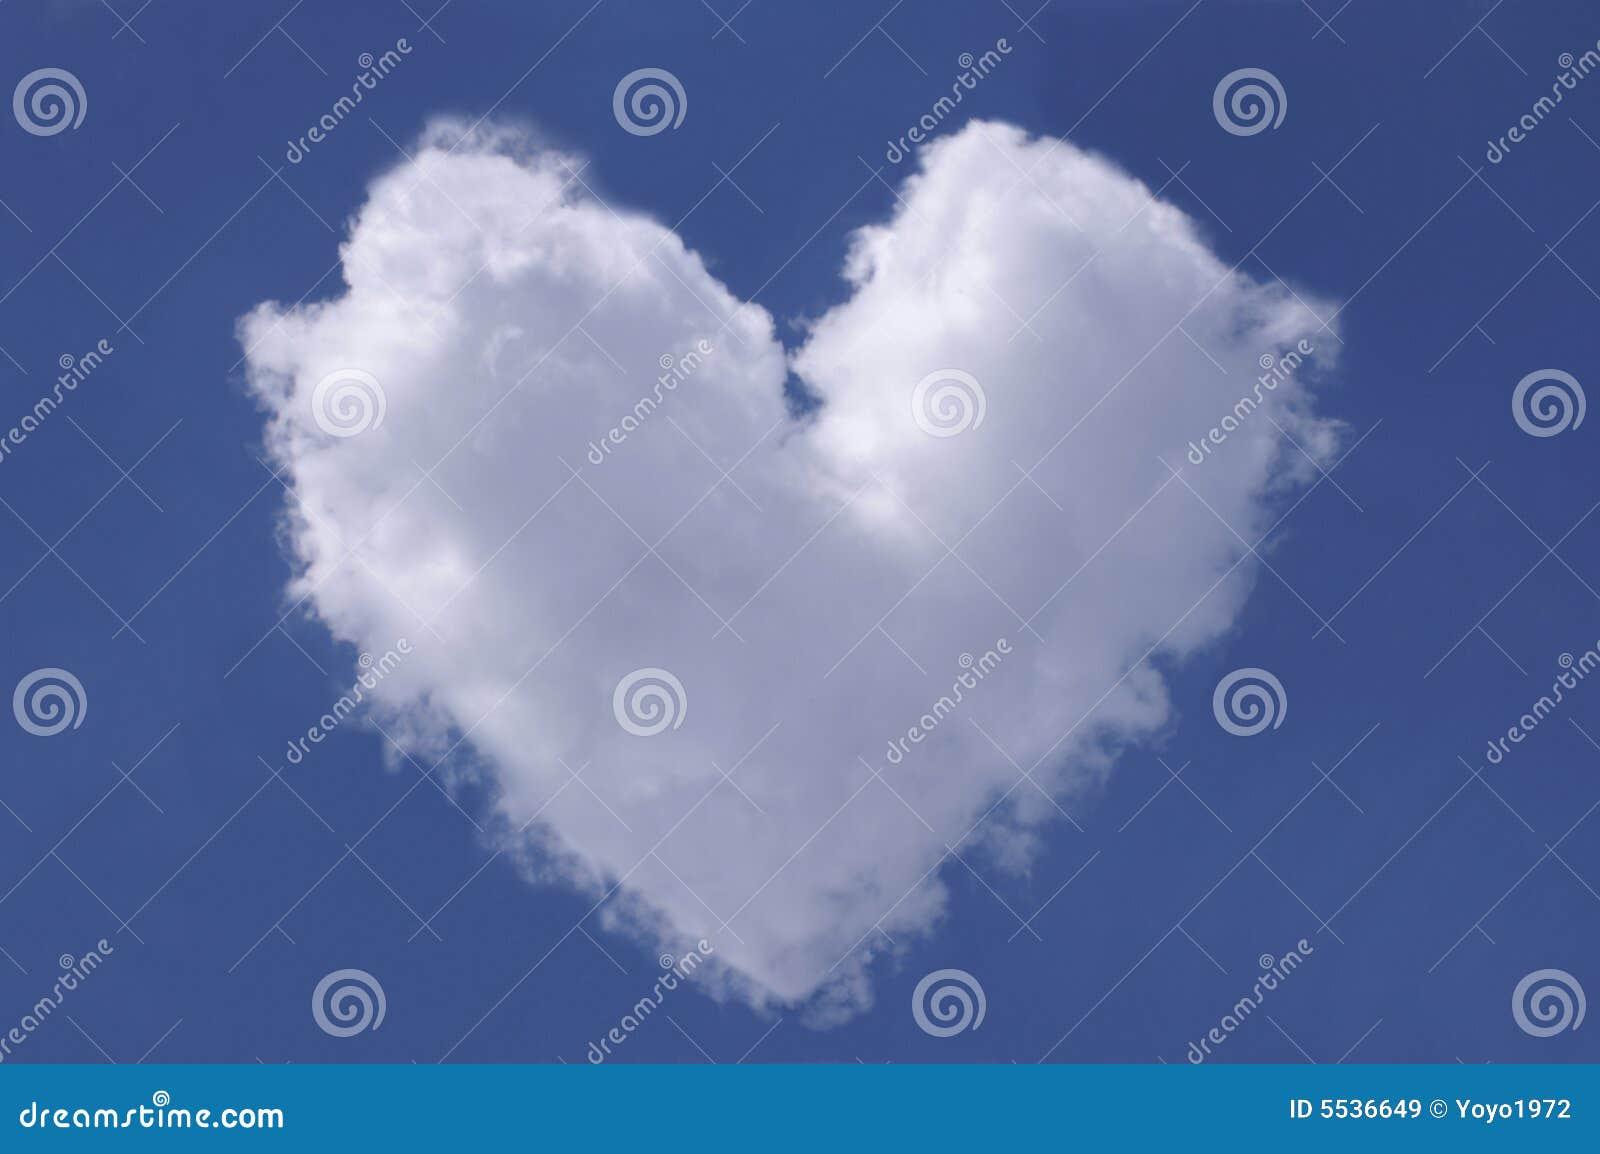 Herz Von Den Wolken Bild. Bild: 5536649